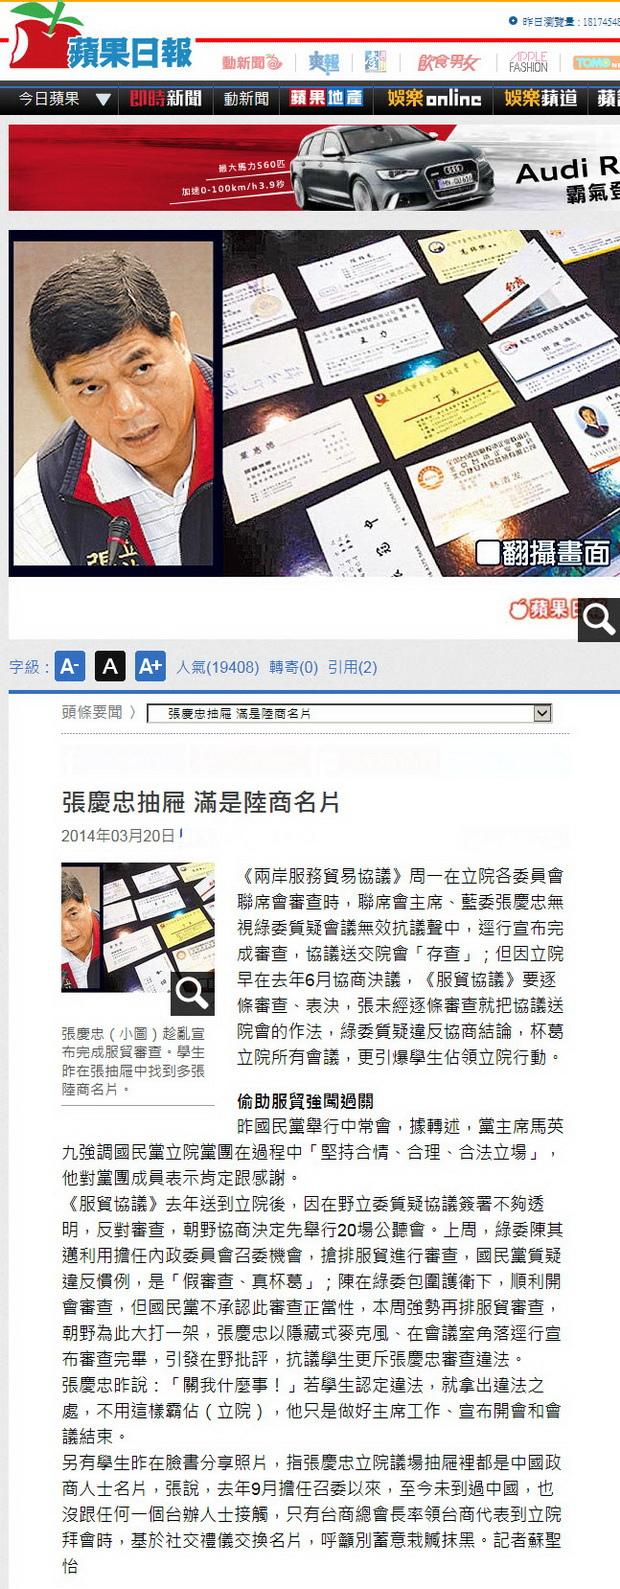 張慶忠抽屜 滿是陸商名片  -2014.03.20.jpg